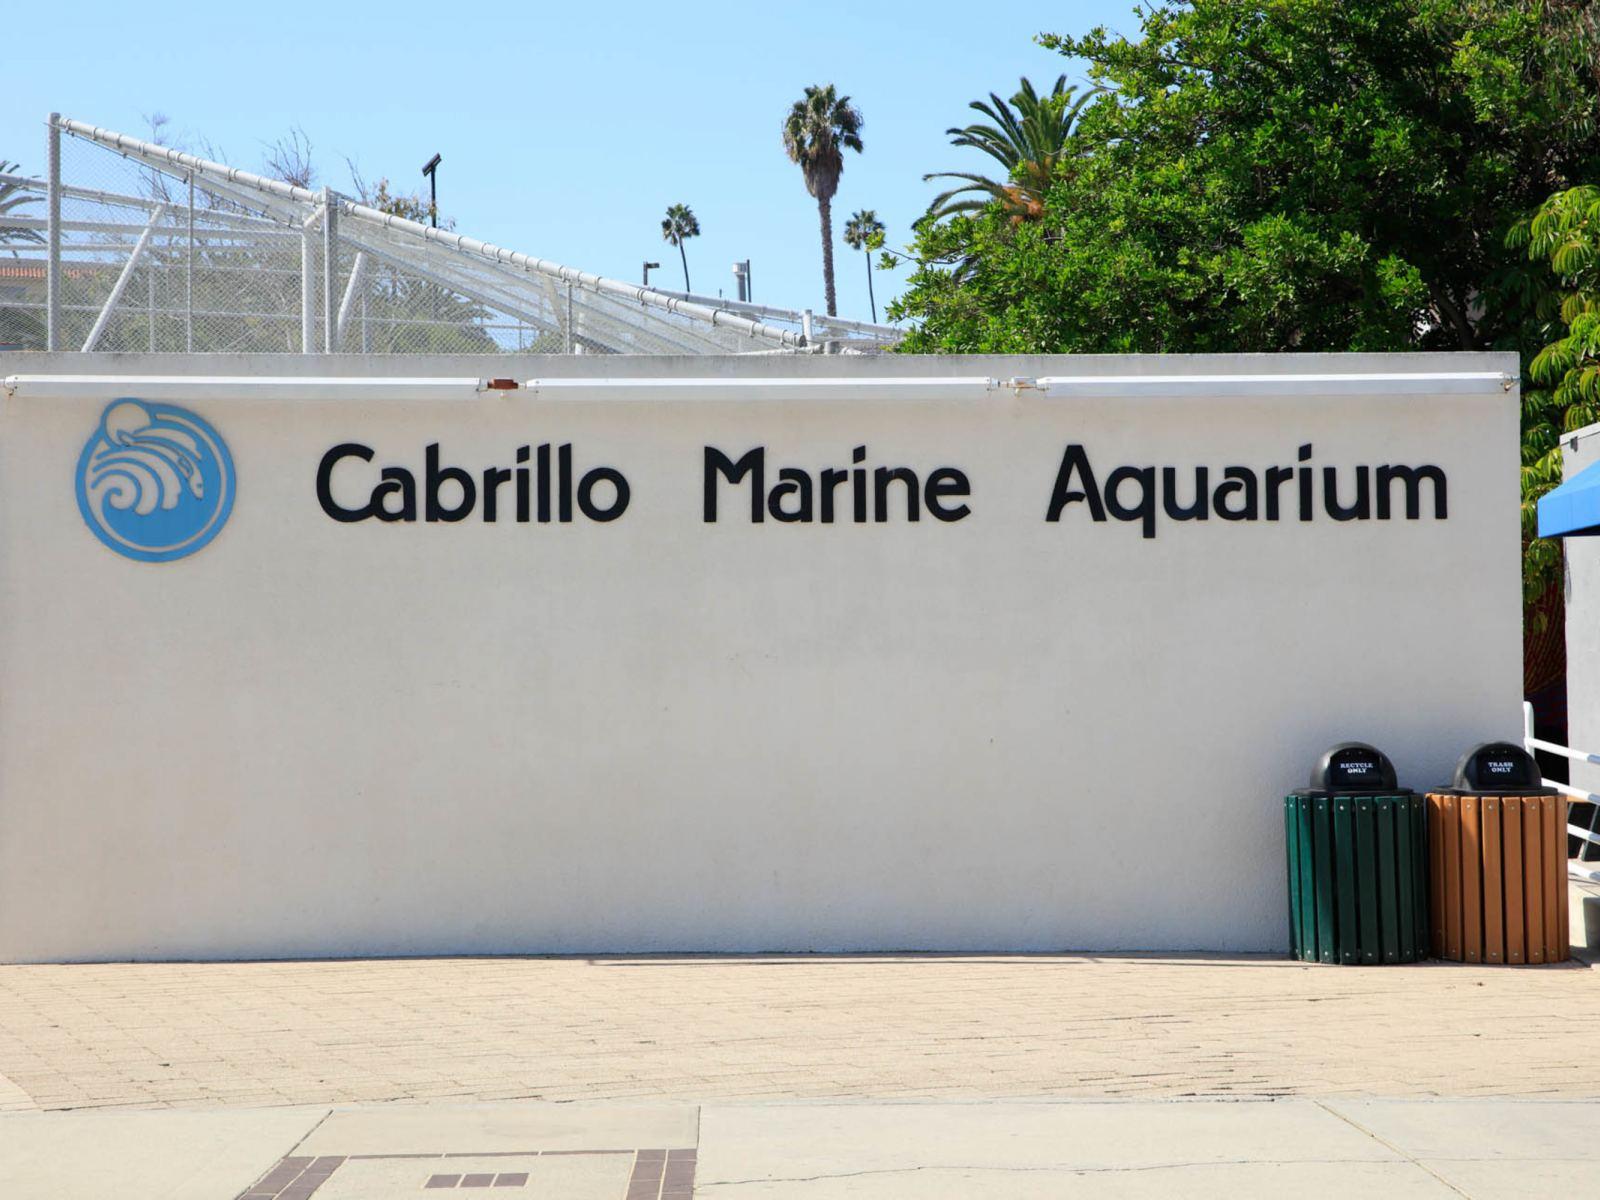 Cabrillo Marine Aquarium 1